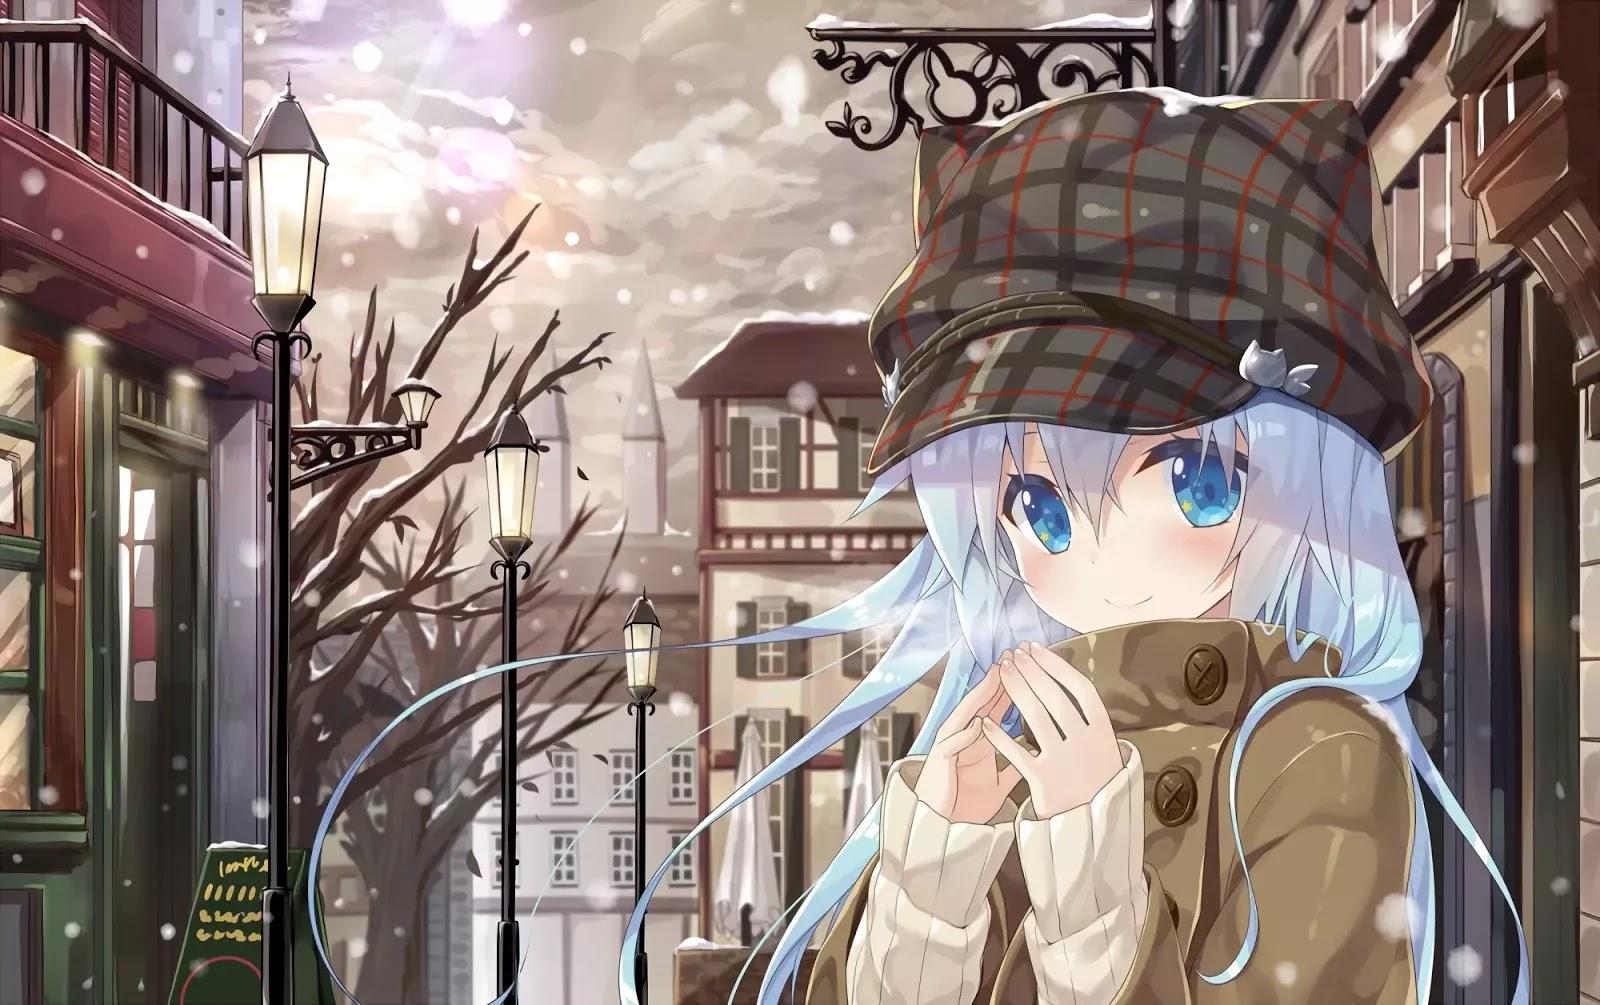 AowVN%2B%252856%2529 - [ Hình Nền ] Loli cực đẹp , cực độc Full HD | Anime Wallpaper